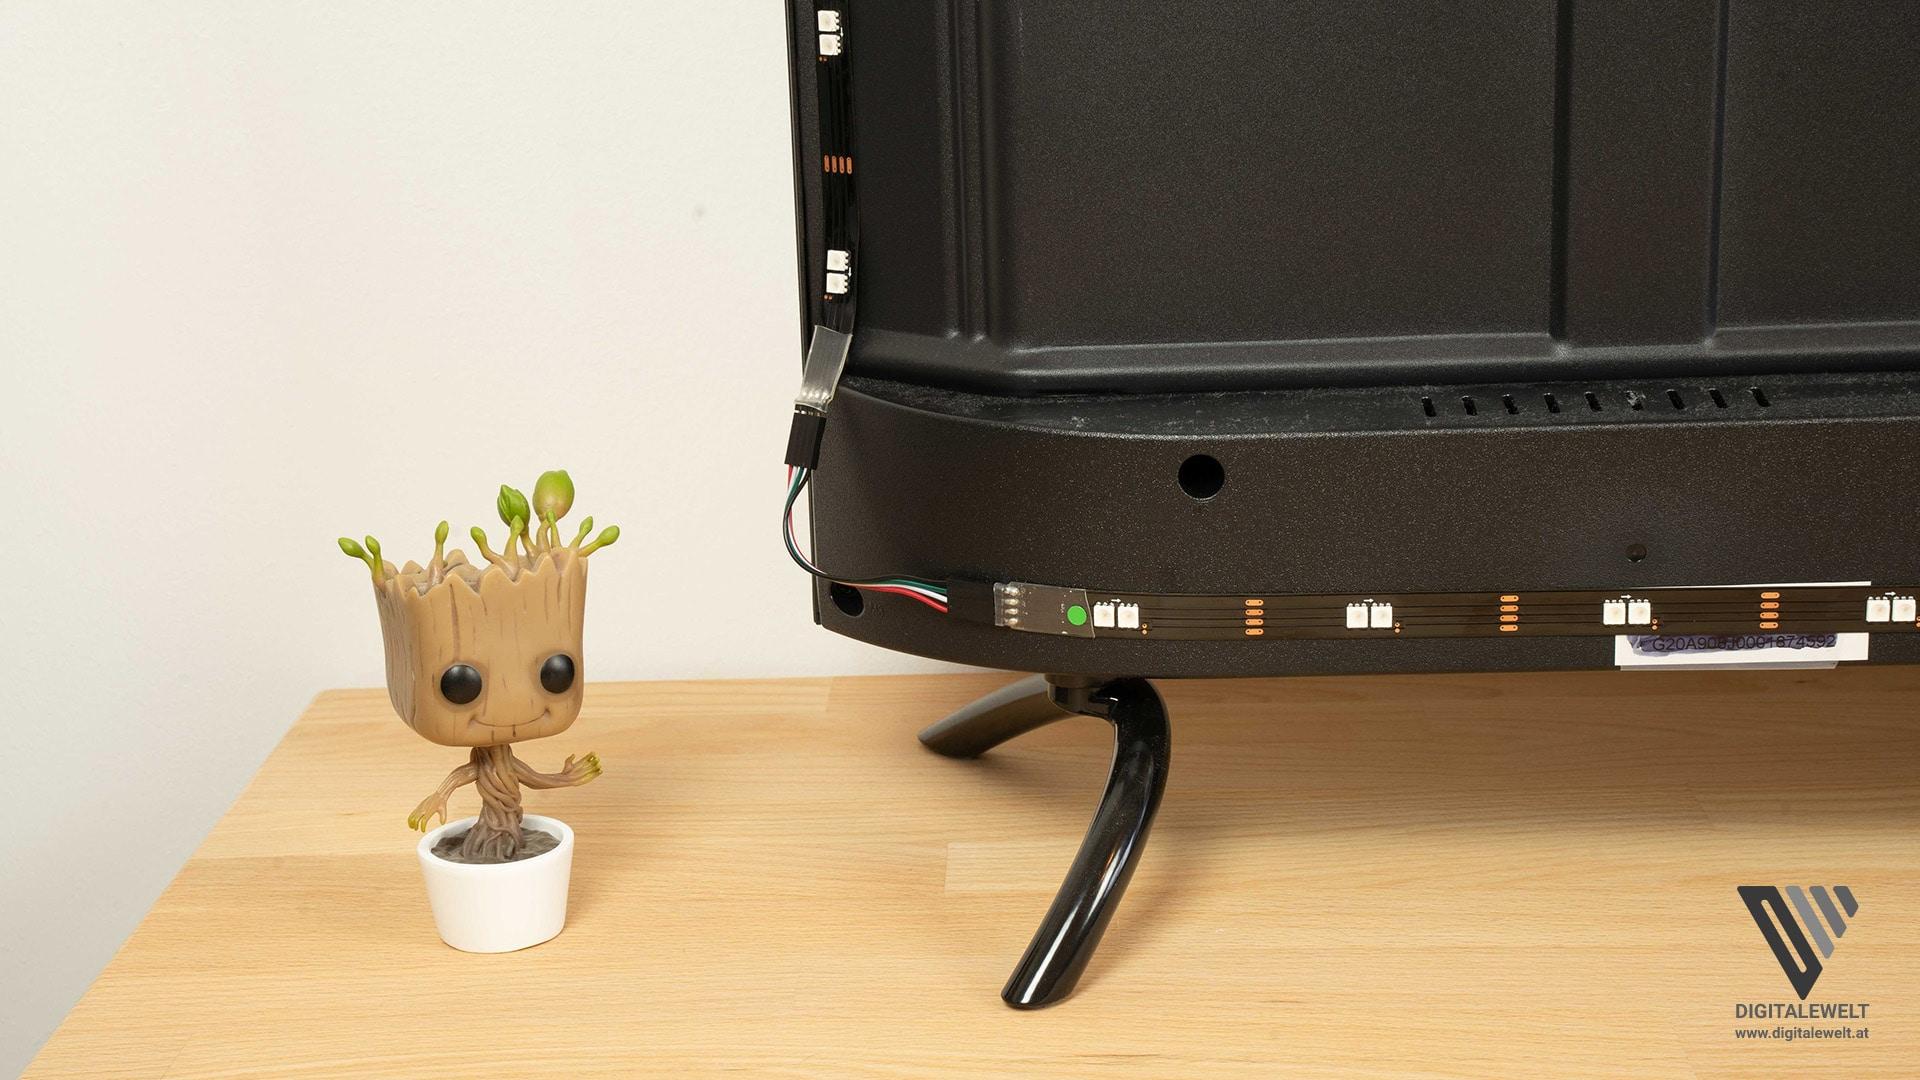 HDFury DIVA Ambilight - LED-Streifen Ecken am Fernseher - digitalewelt.at